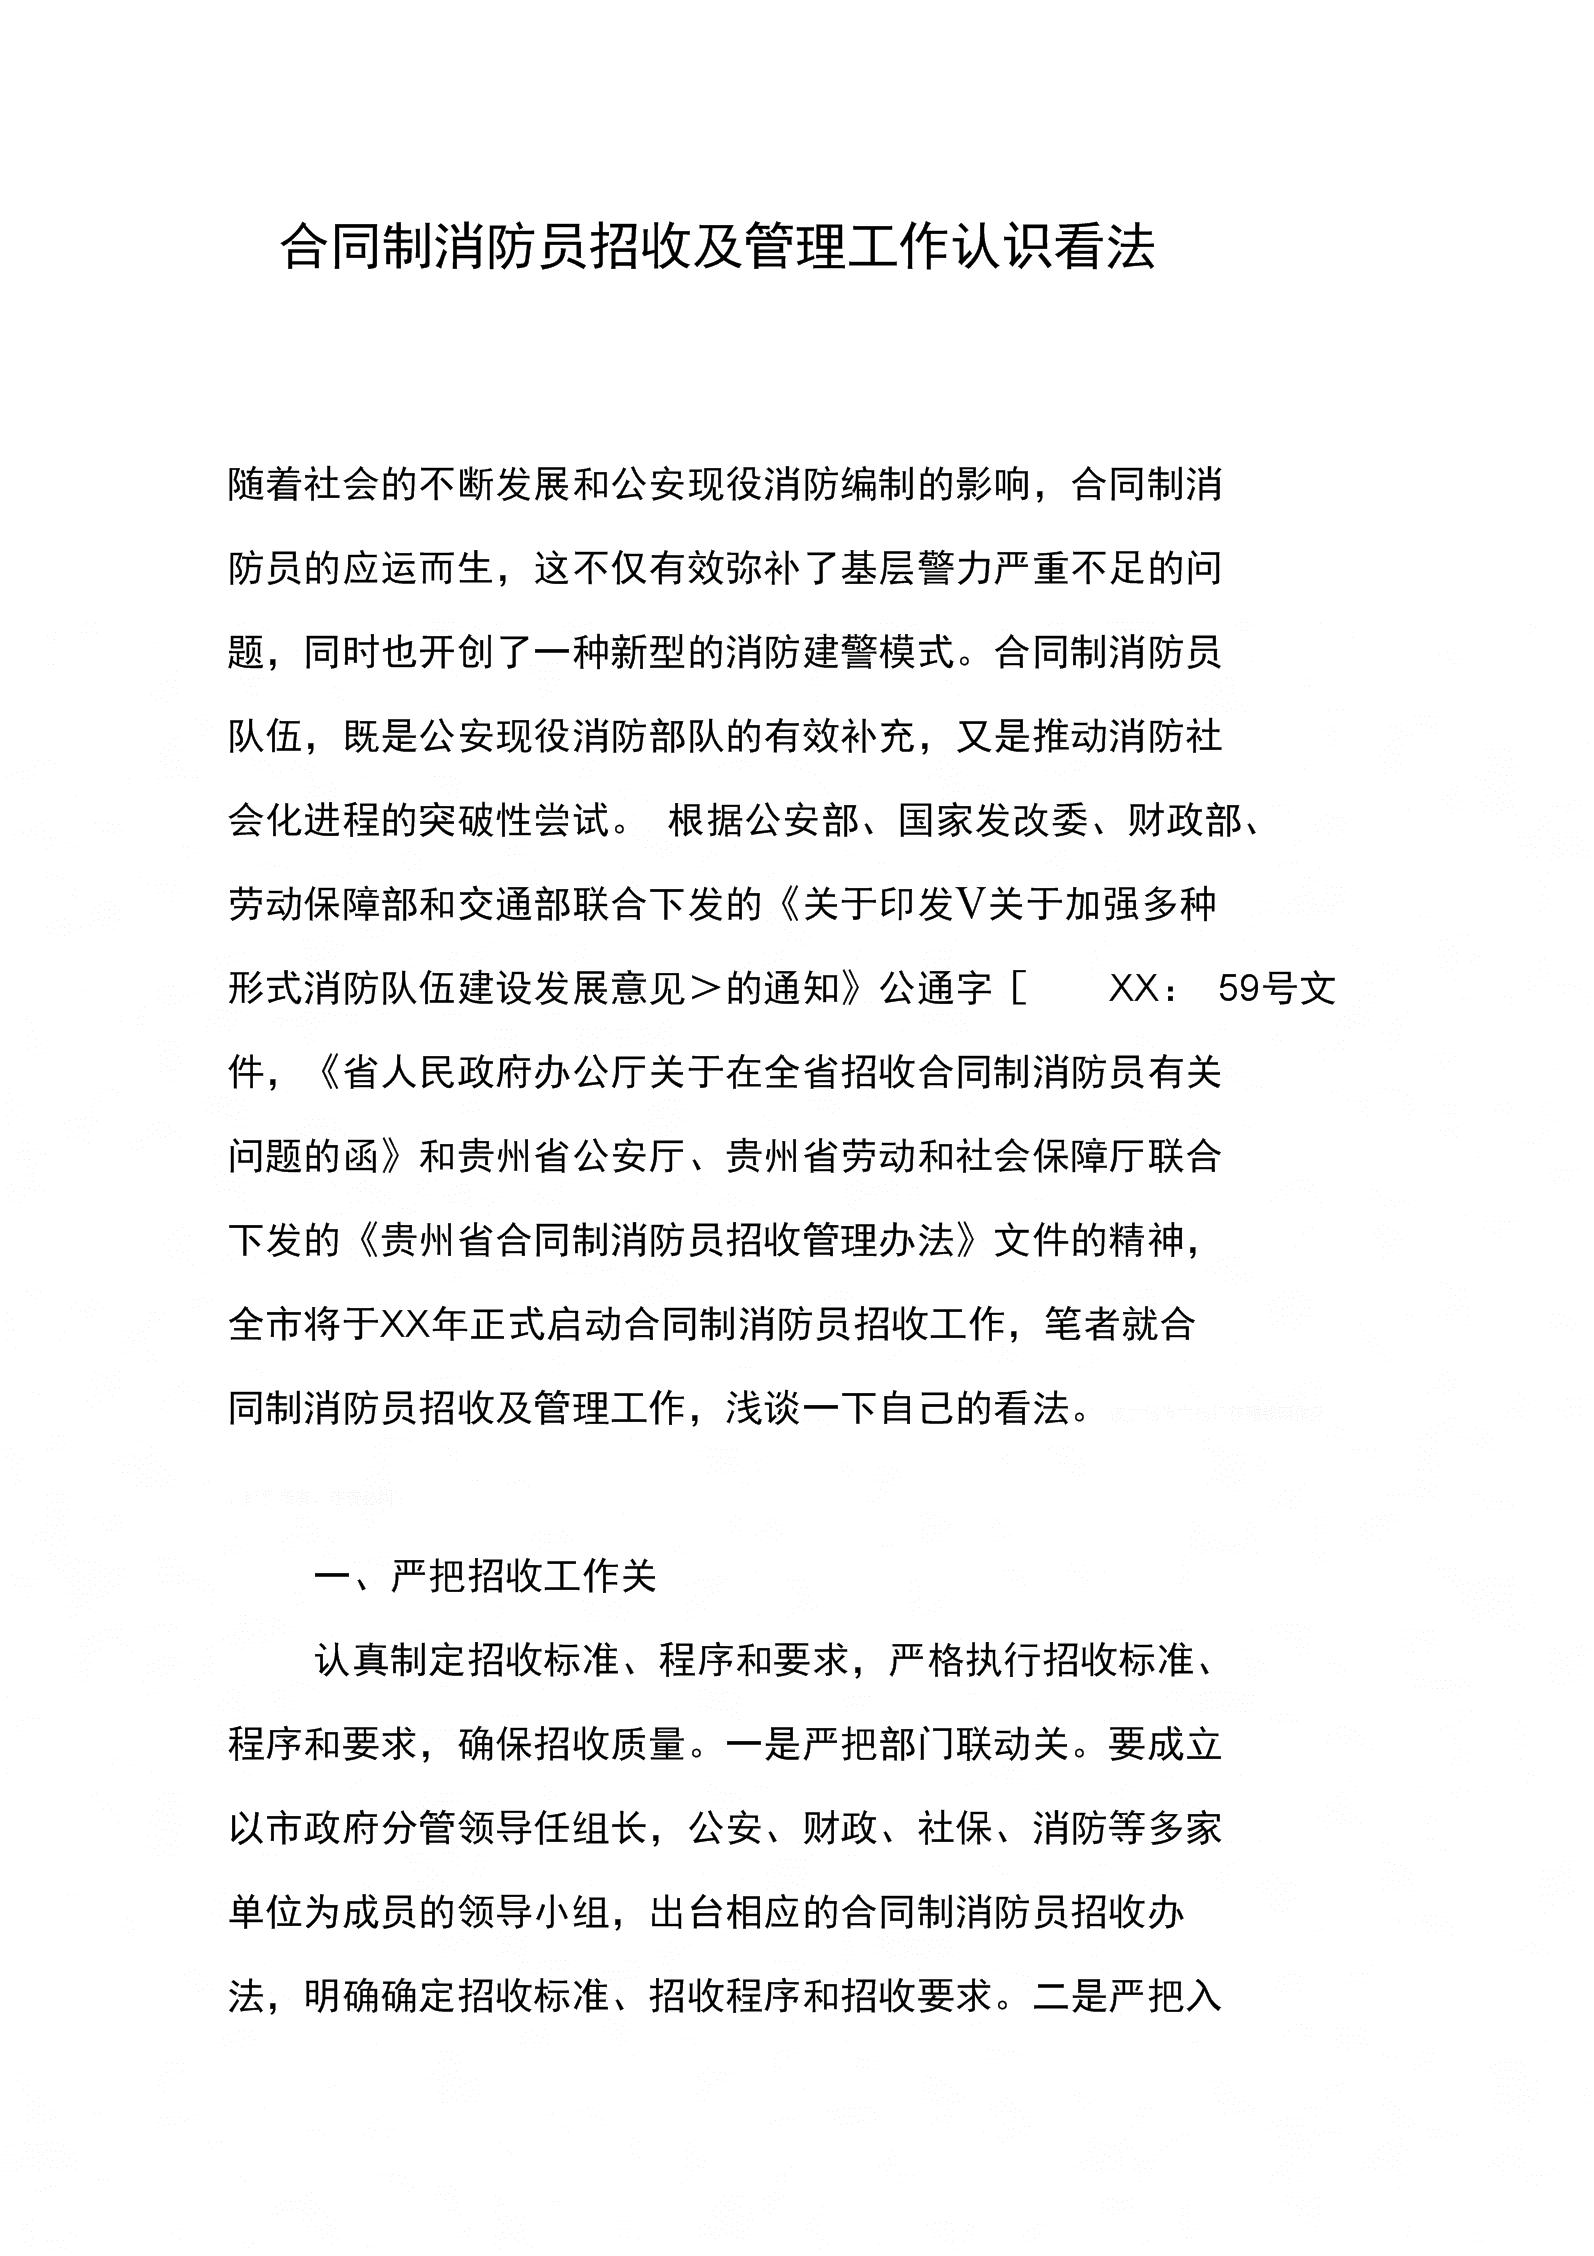 合同制消防员招收及管理工作认识看法.docx